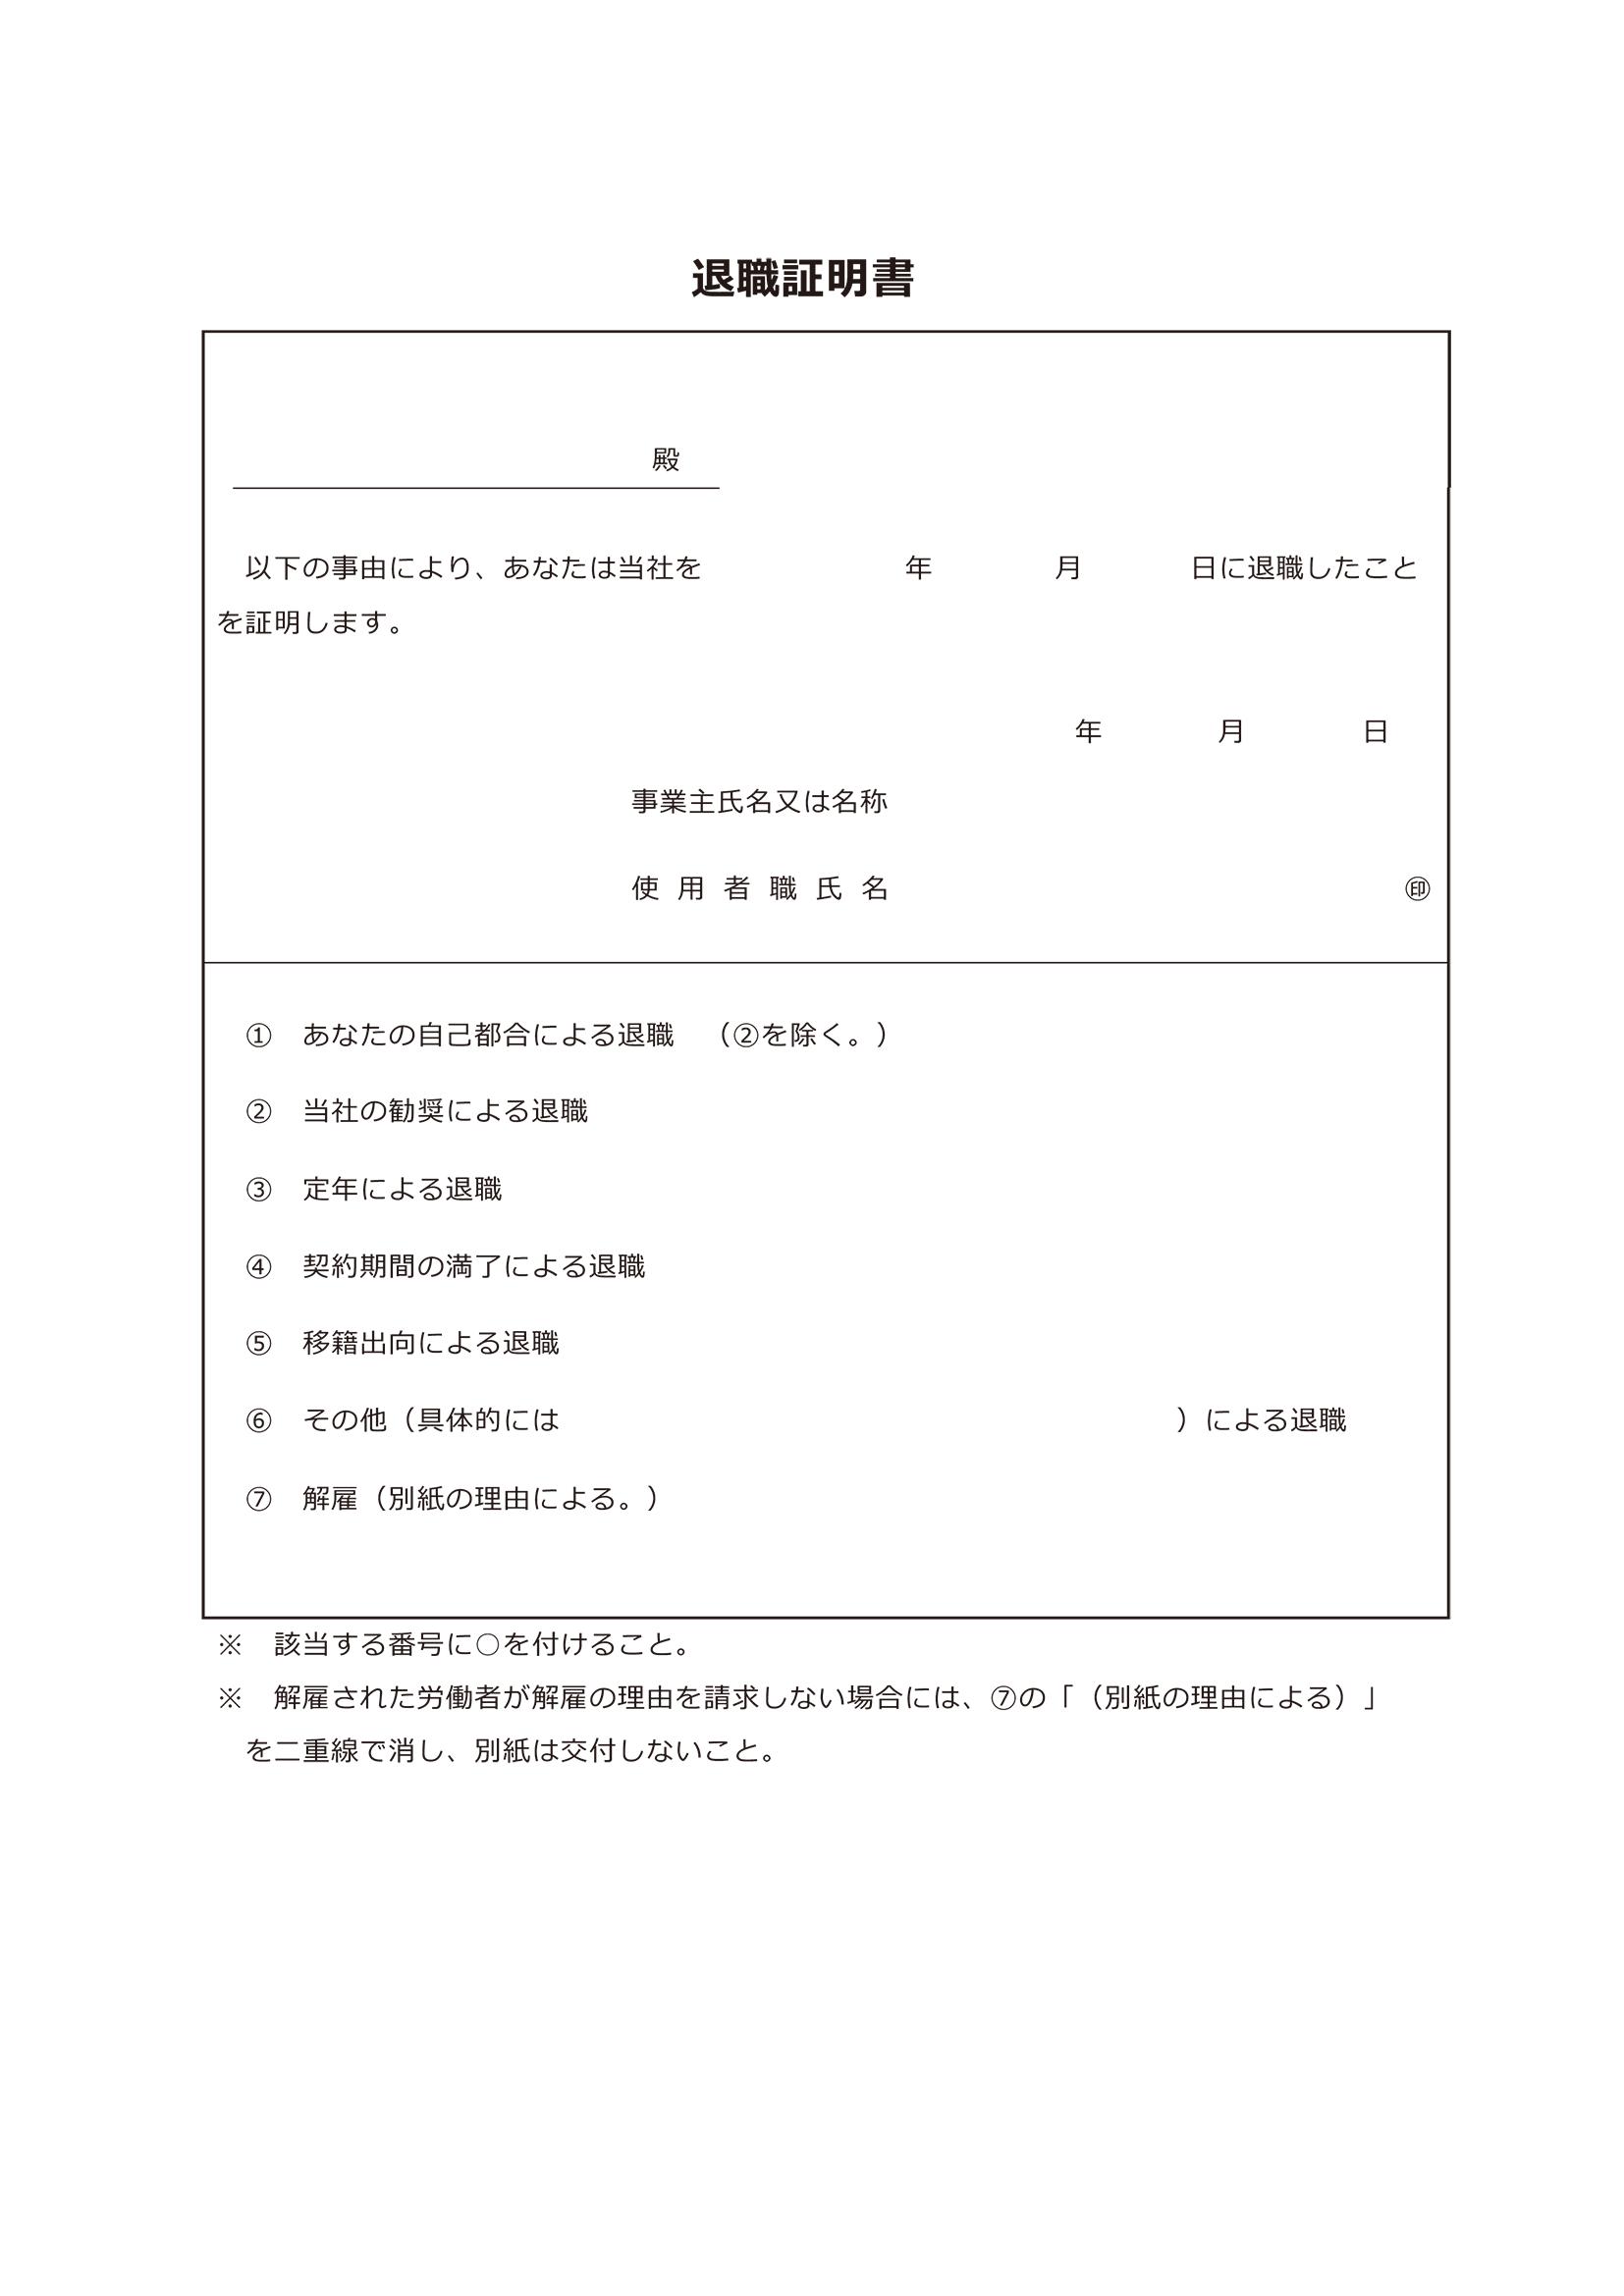 書 退職 証明 退職時の証明 退職証明書ひな形・書式・書き方記入例(PDF・エクセル)無料ダウンロード(労働基準法第22条)|八王子の社会保険労務士事務所